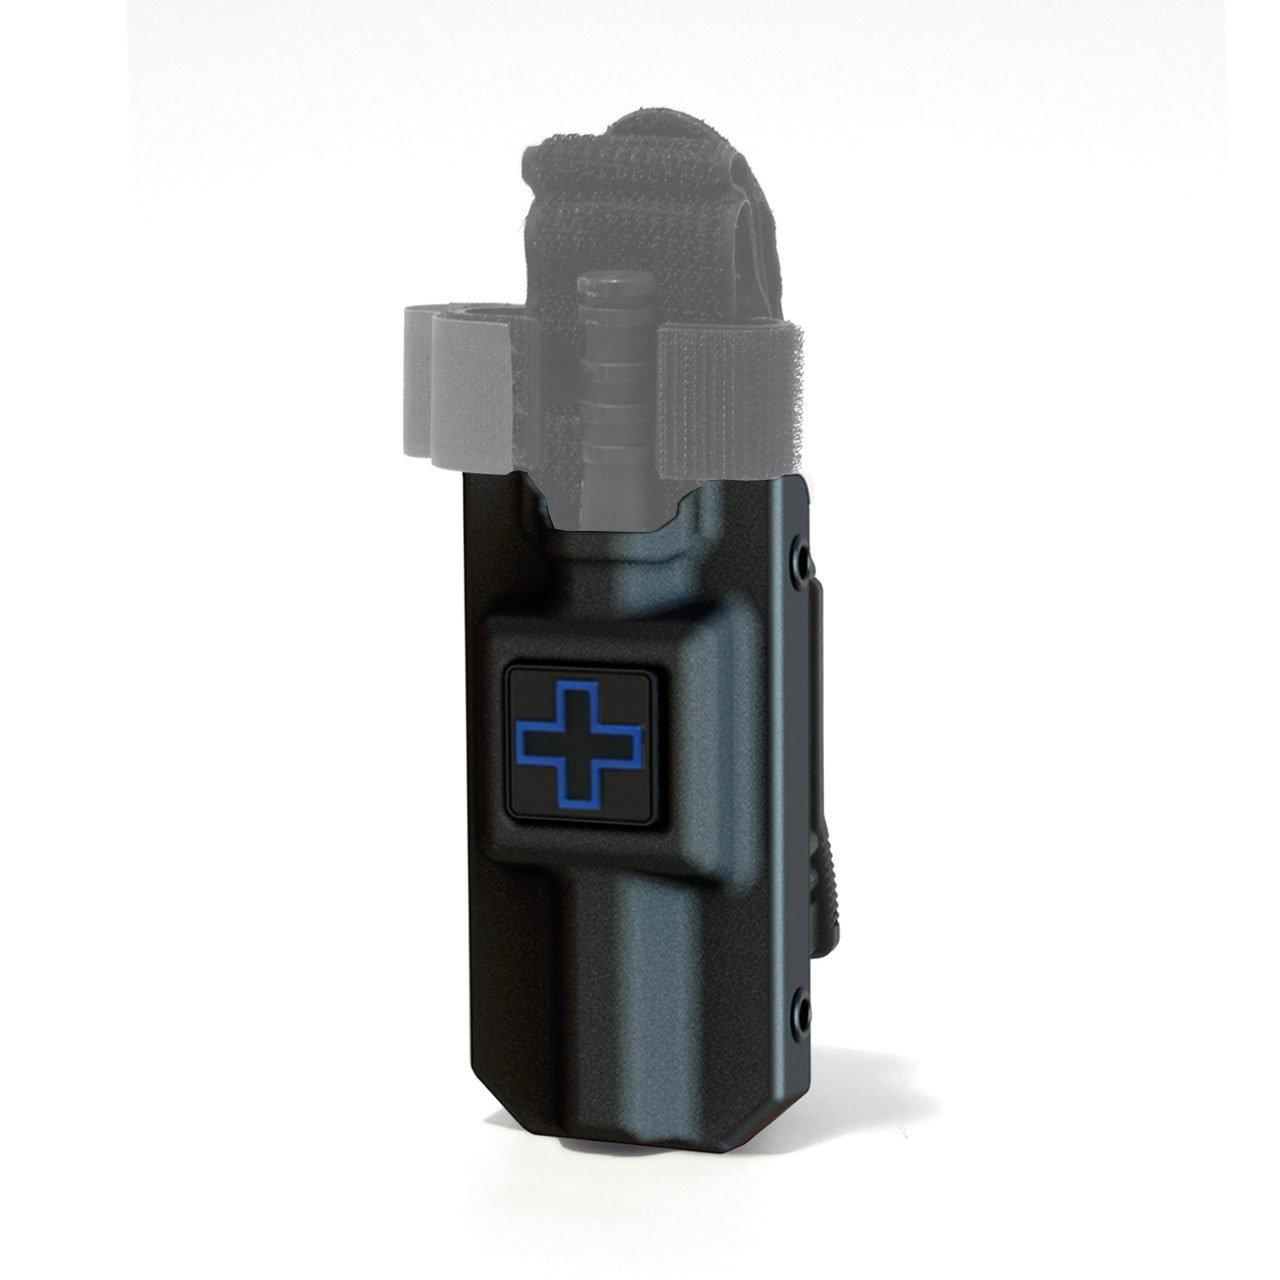 RIGID TQ Tourniquet Case for Generation 7 C-A-T Tourniquet, Belt (Tek-Lok) Attachment, Black with BLUE CROSS. (Tourniquet Not Included)